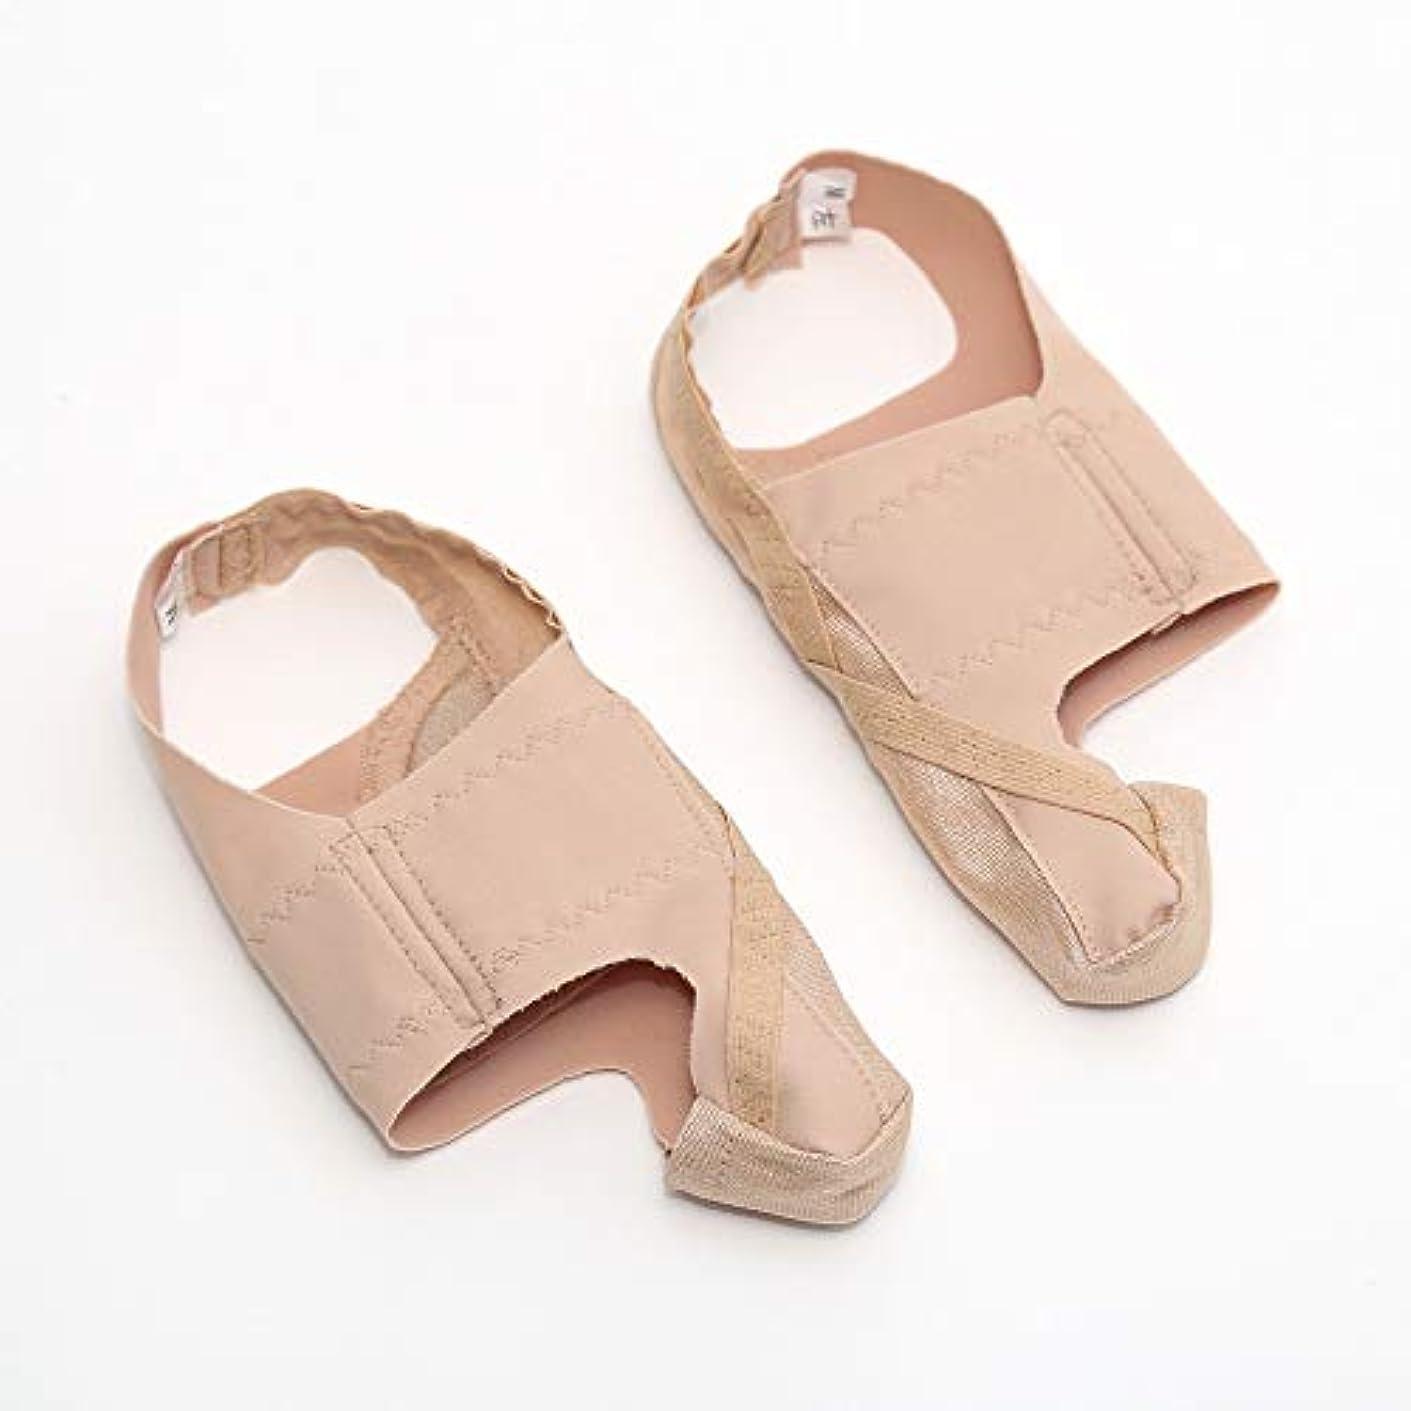 反論砂やる靴も履けるんデス EX Sサイズ コエンザイムQ10 美容エッセンスマスク付セット